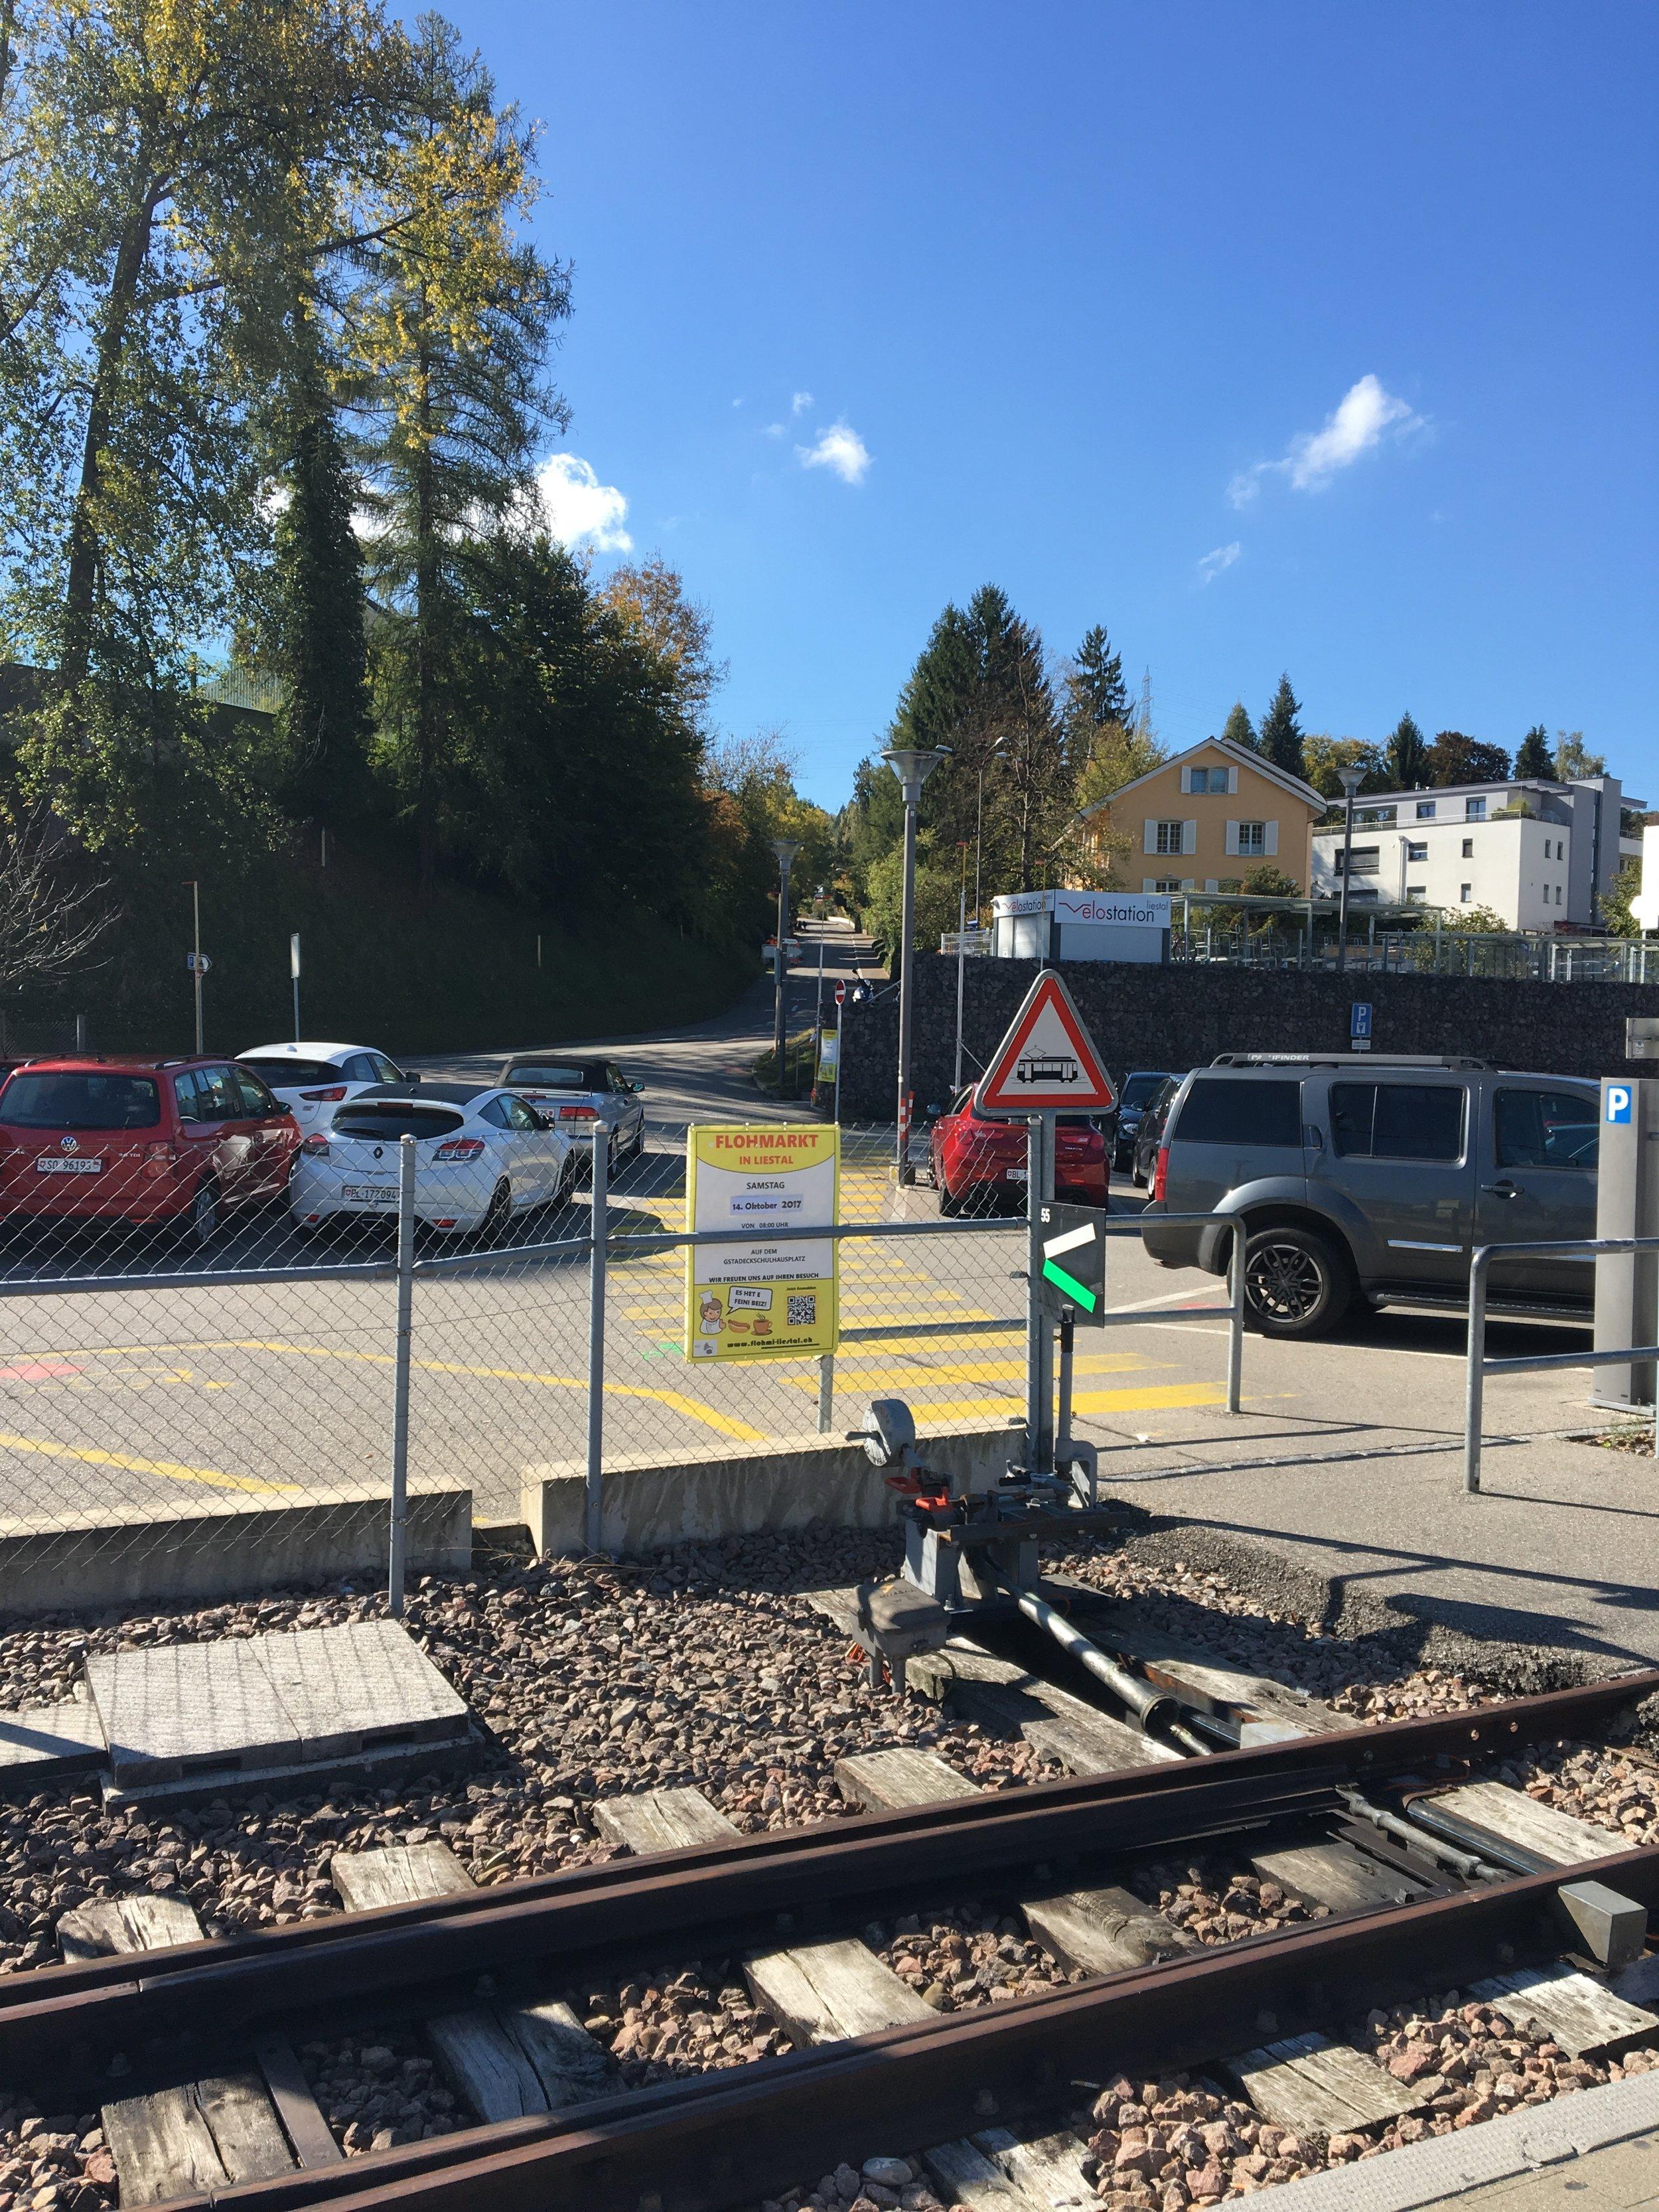 Über den Parkplatz Richtung Sichternstrasse gehen...